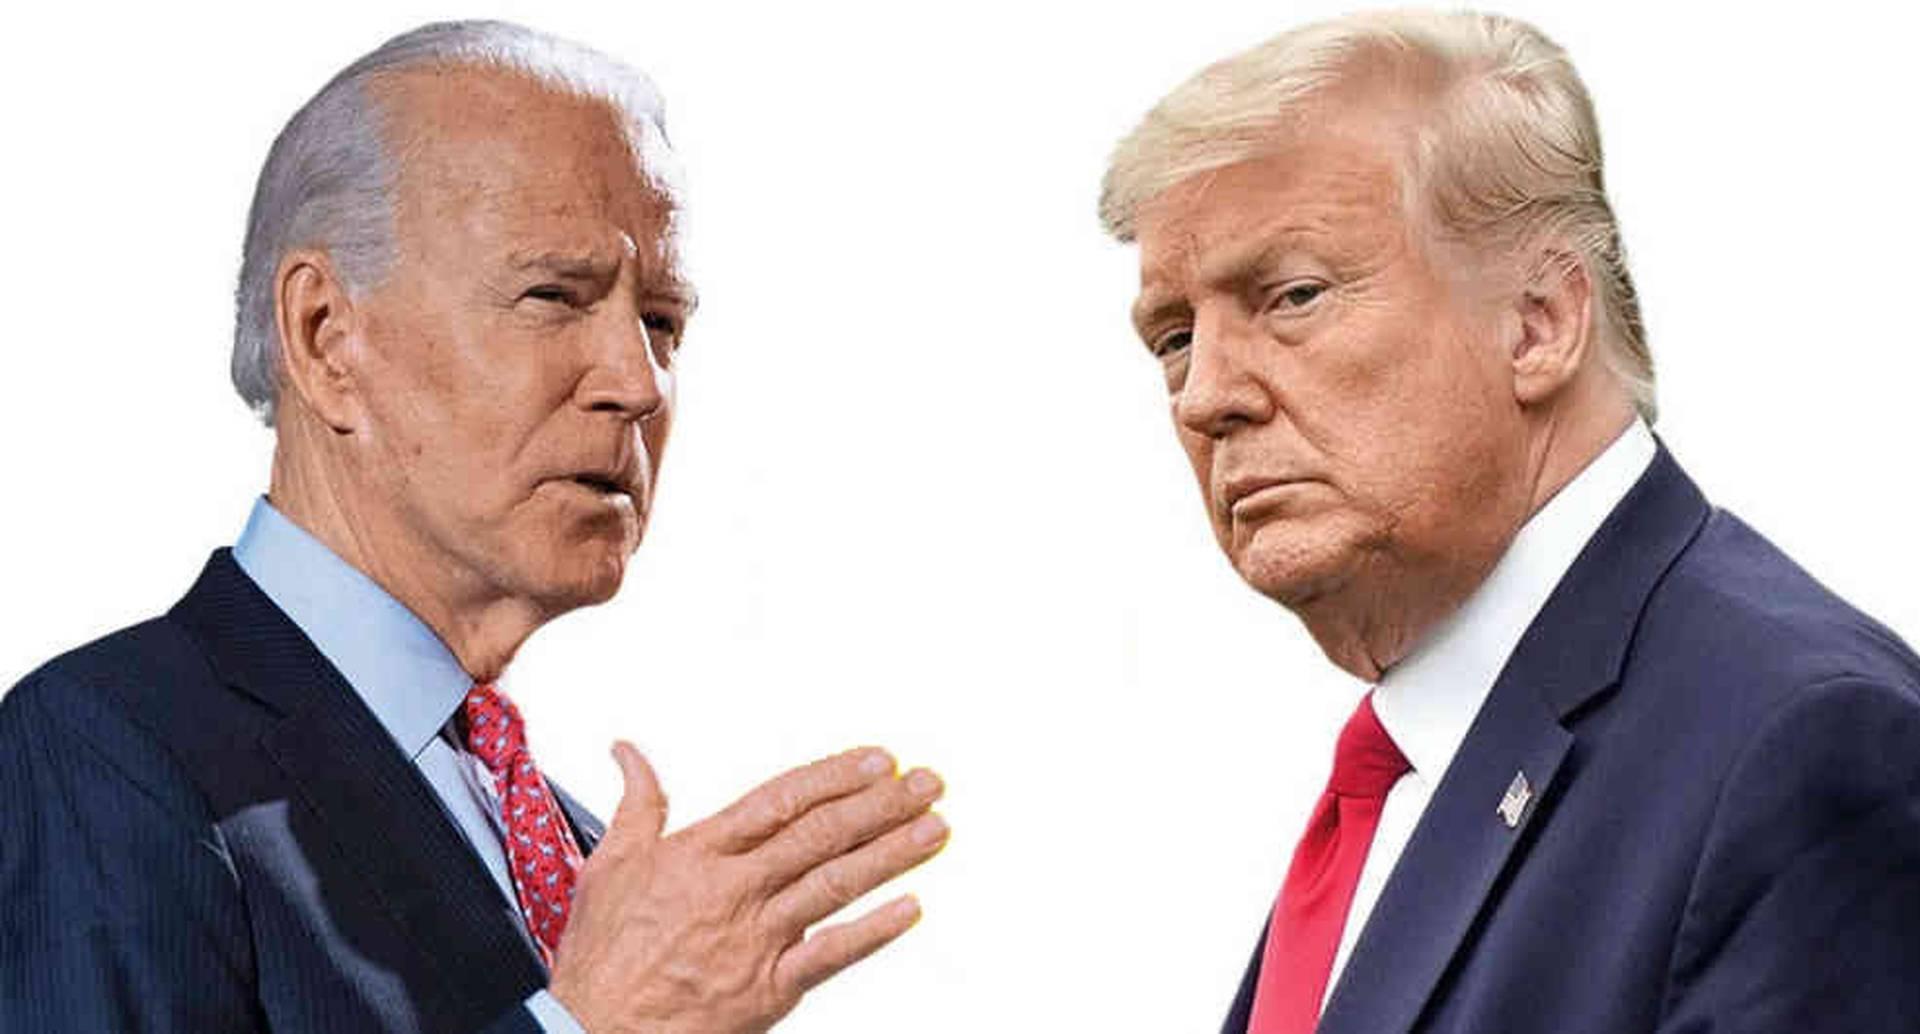 ¿Por qué Trump pide un test de drogas antes de su debate con Biden?